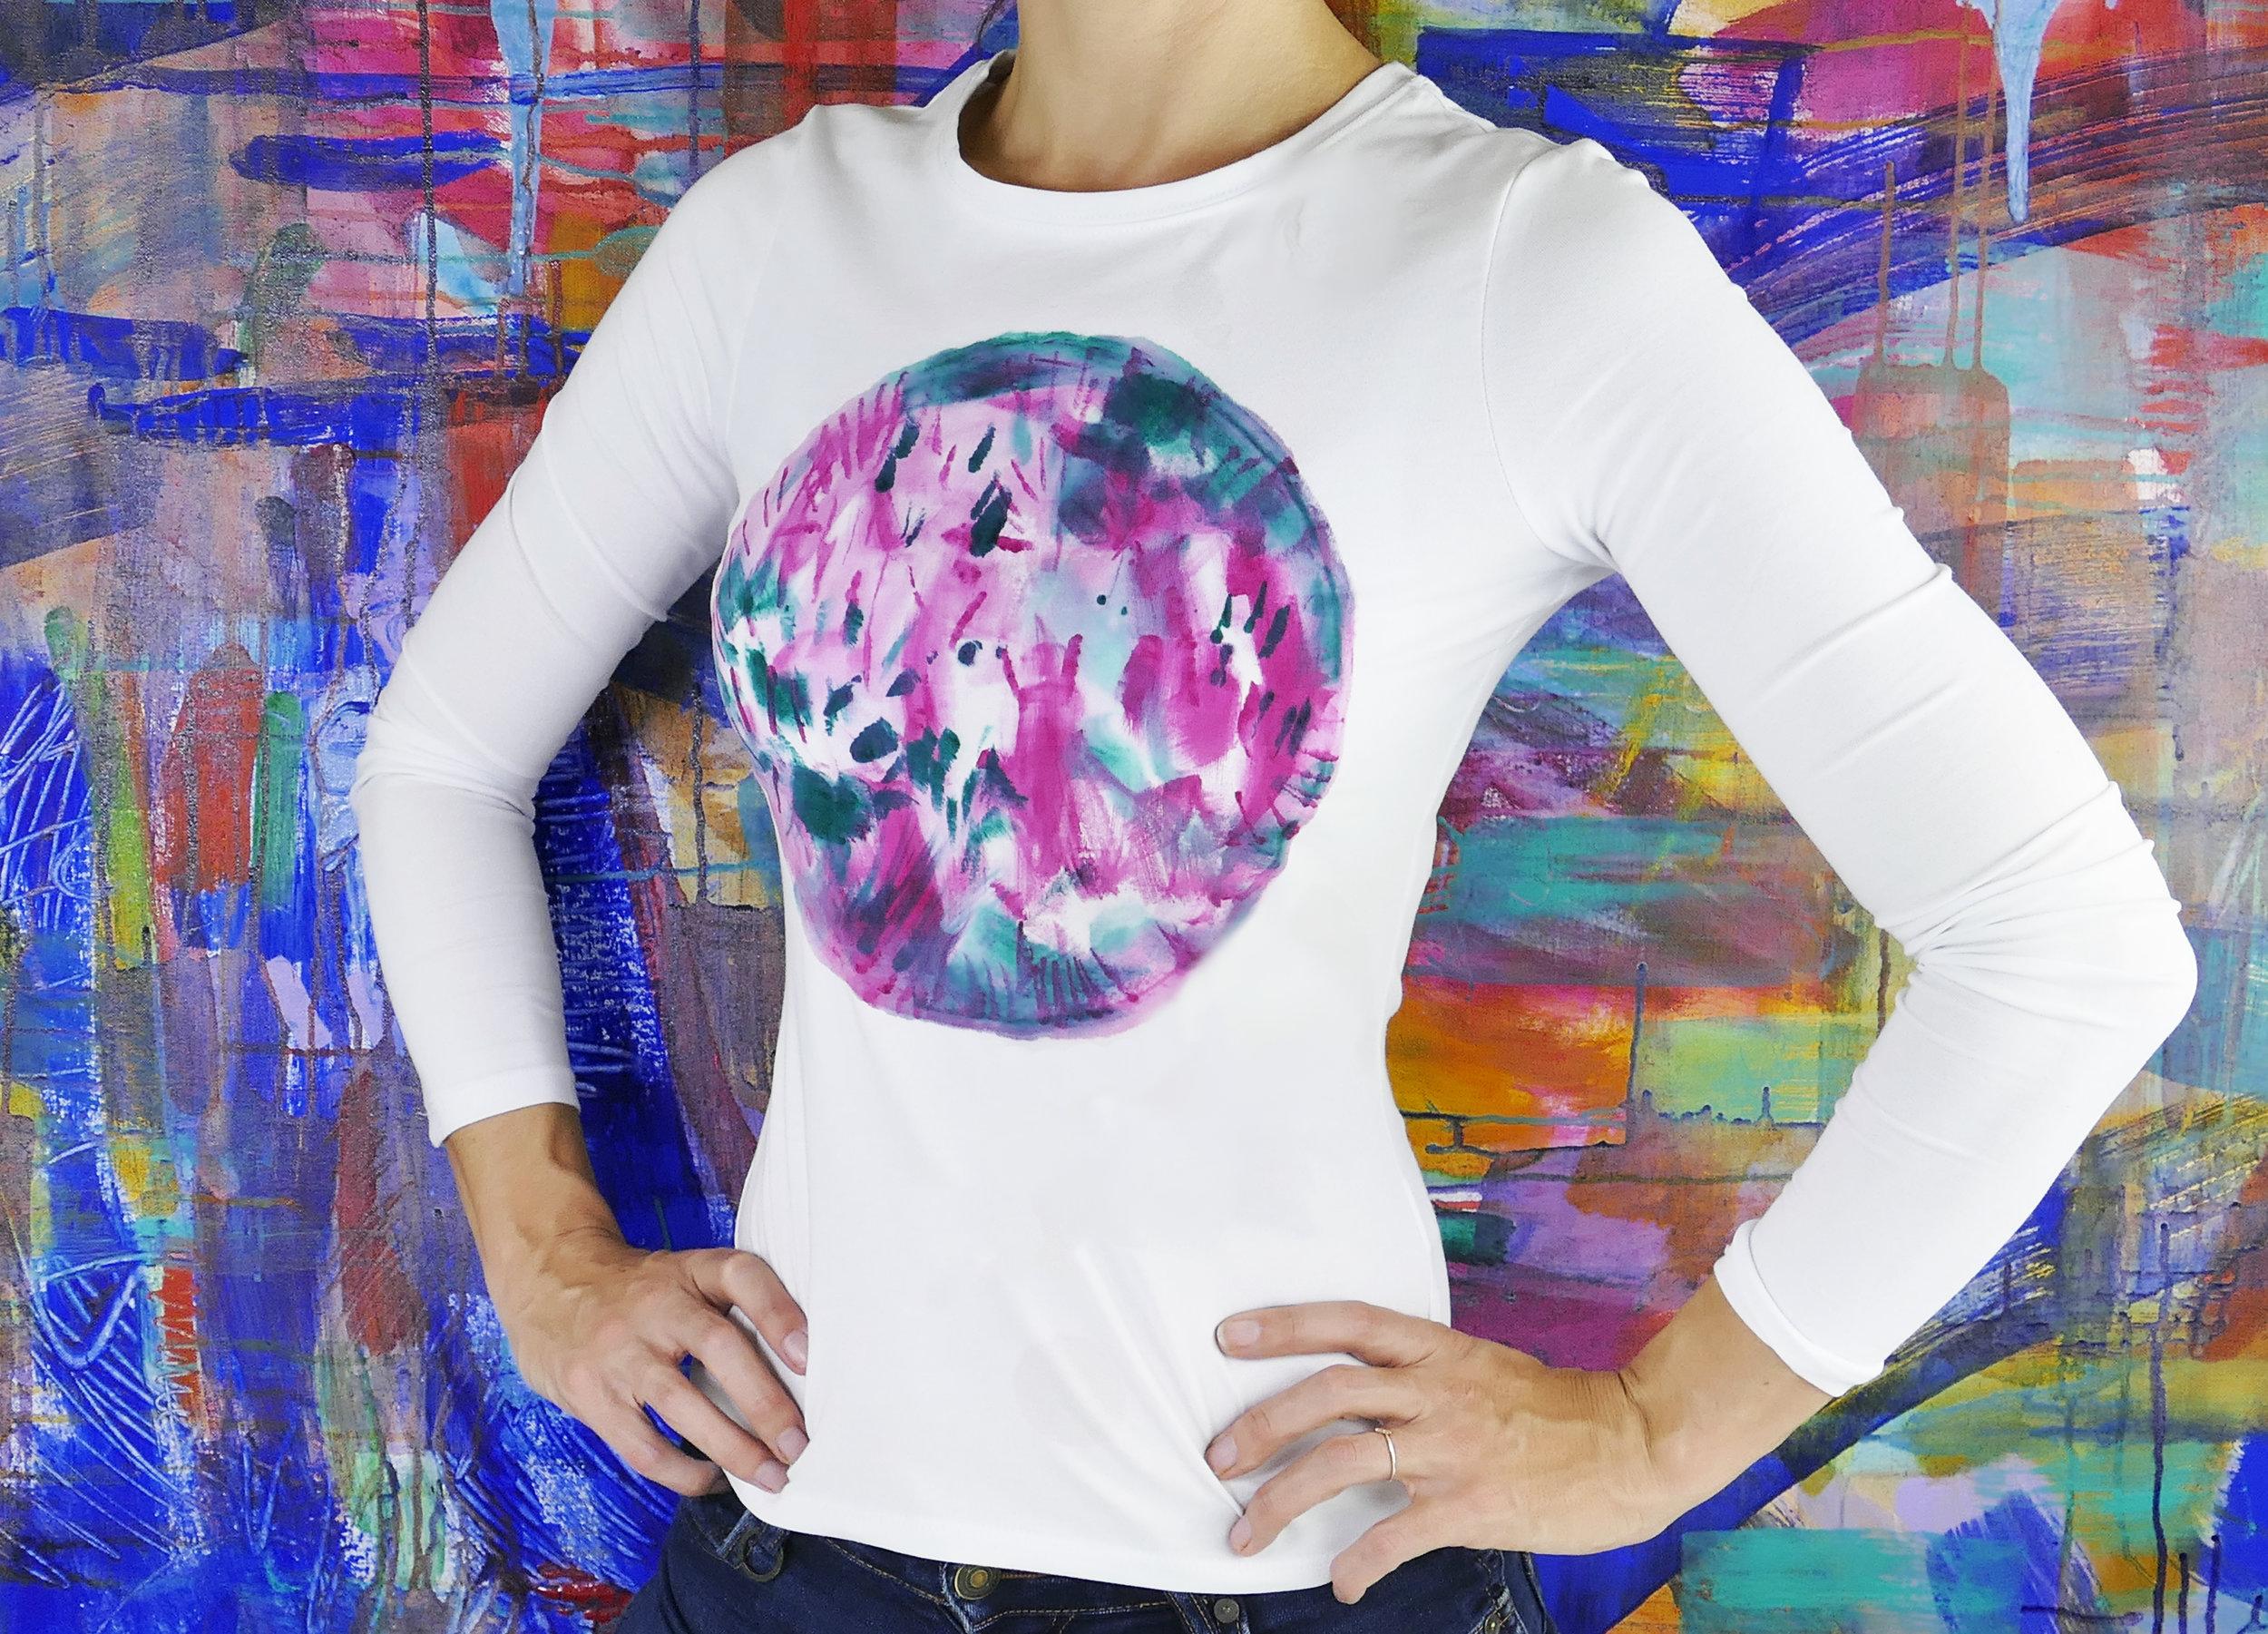 FabricFixativeshirt2.jpg